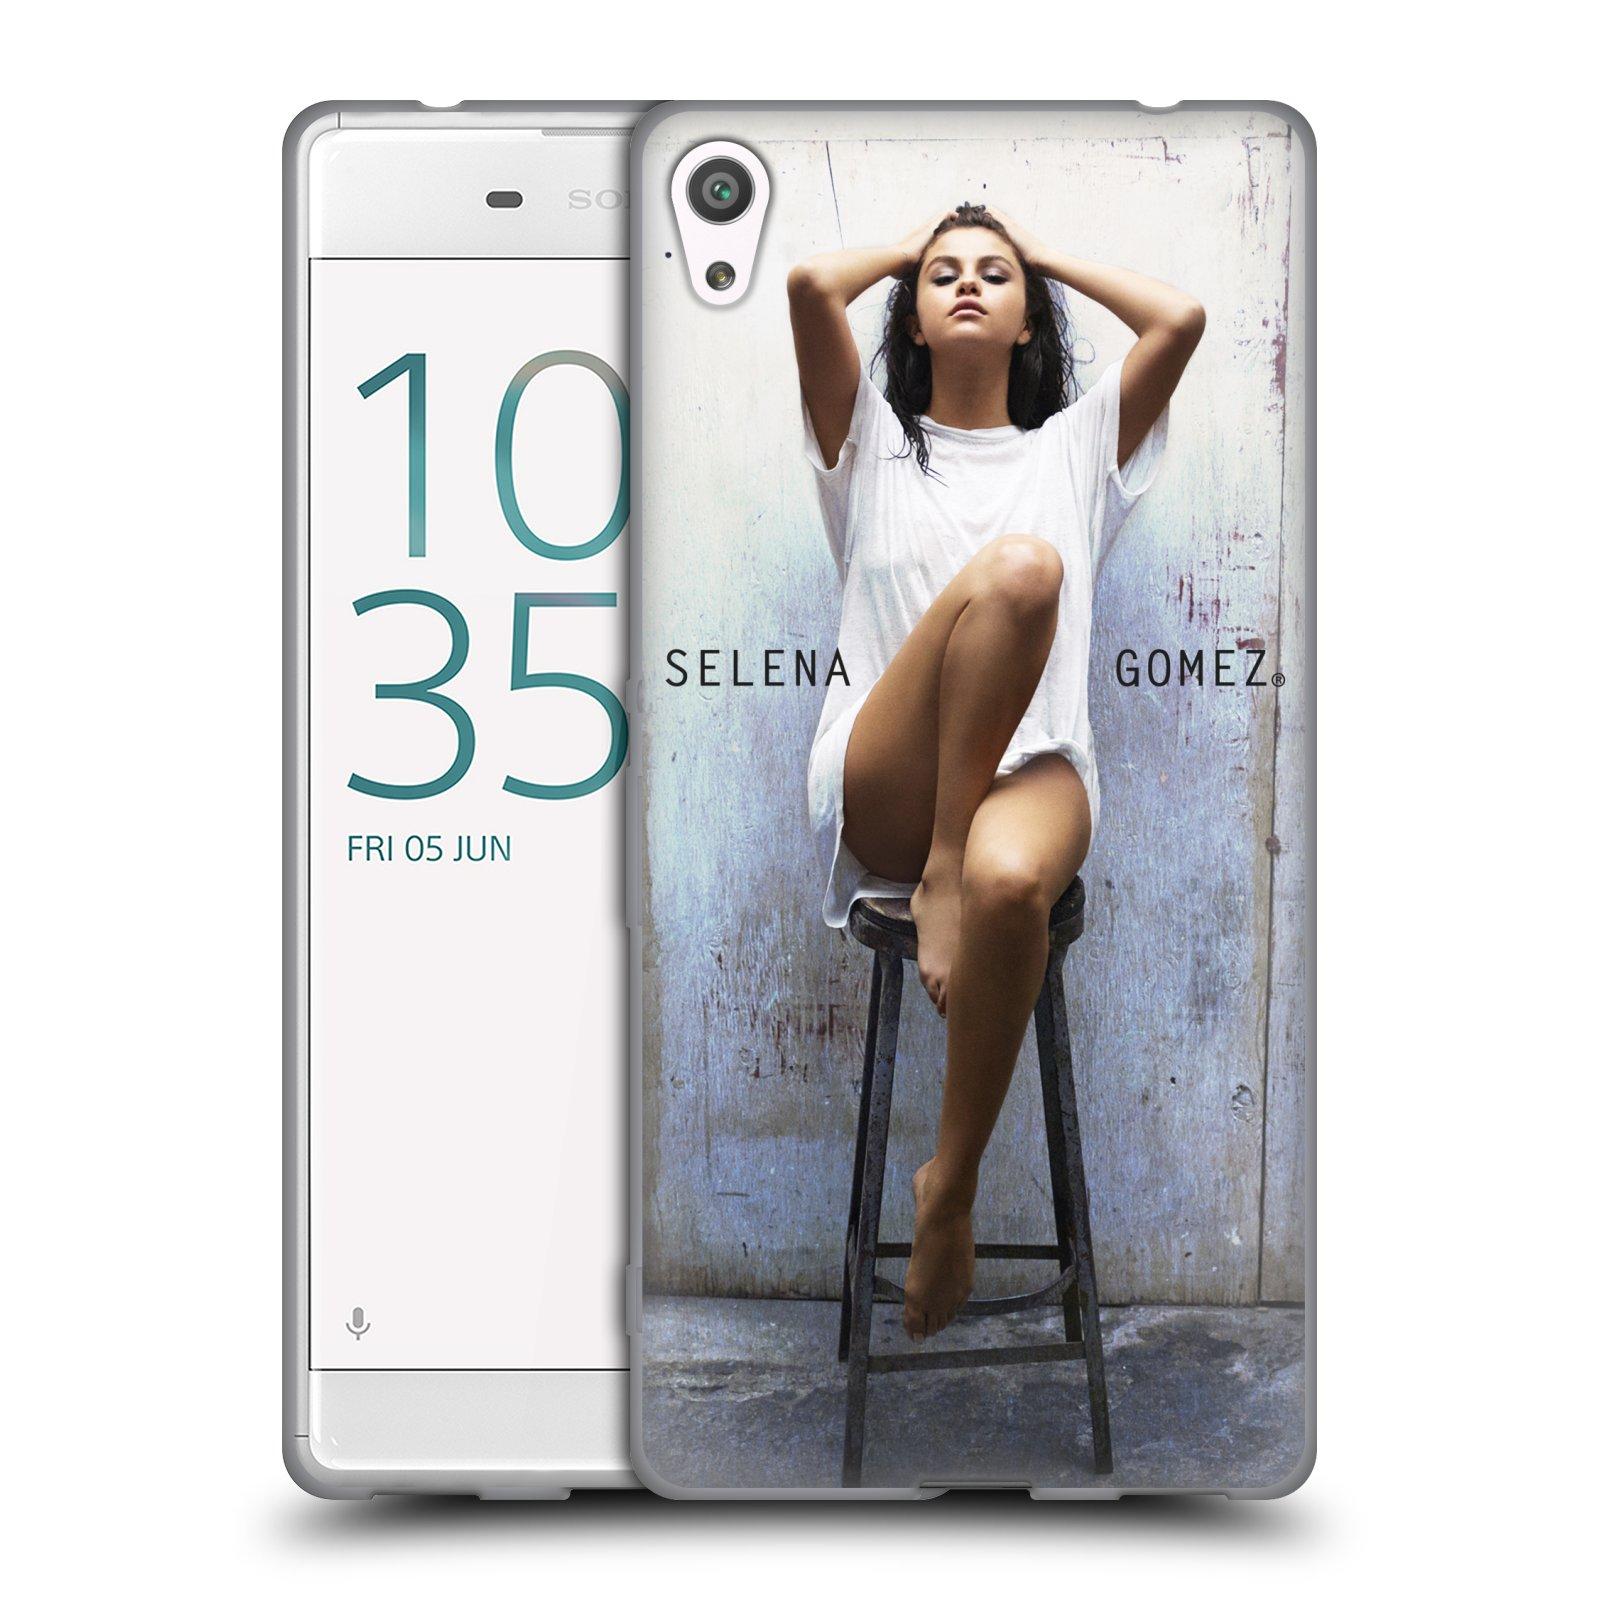 HEAD CASE silikonový obal na mobil Sony Xperia XA ULTRA Zpěvačka Selena Gomez foto Good For You